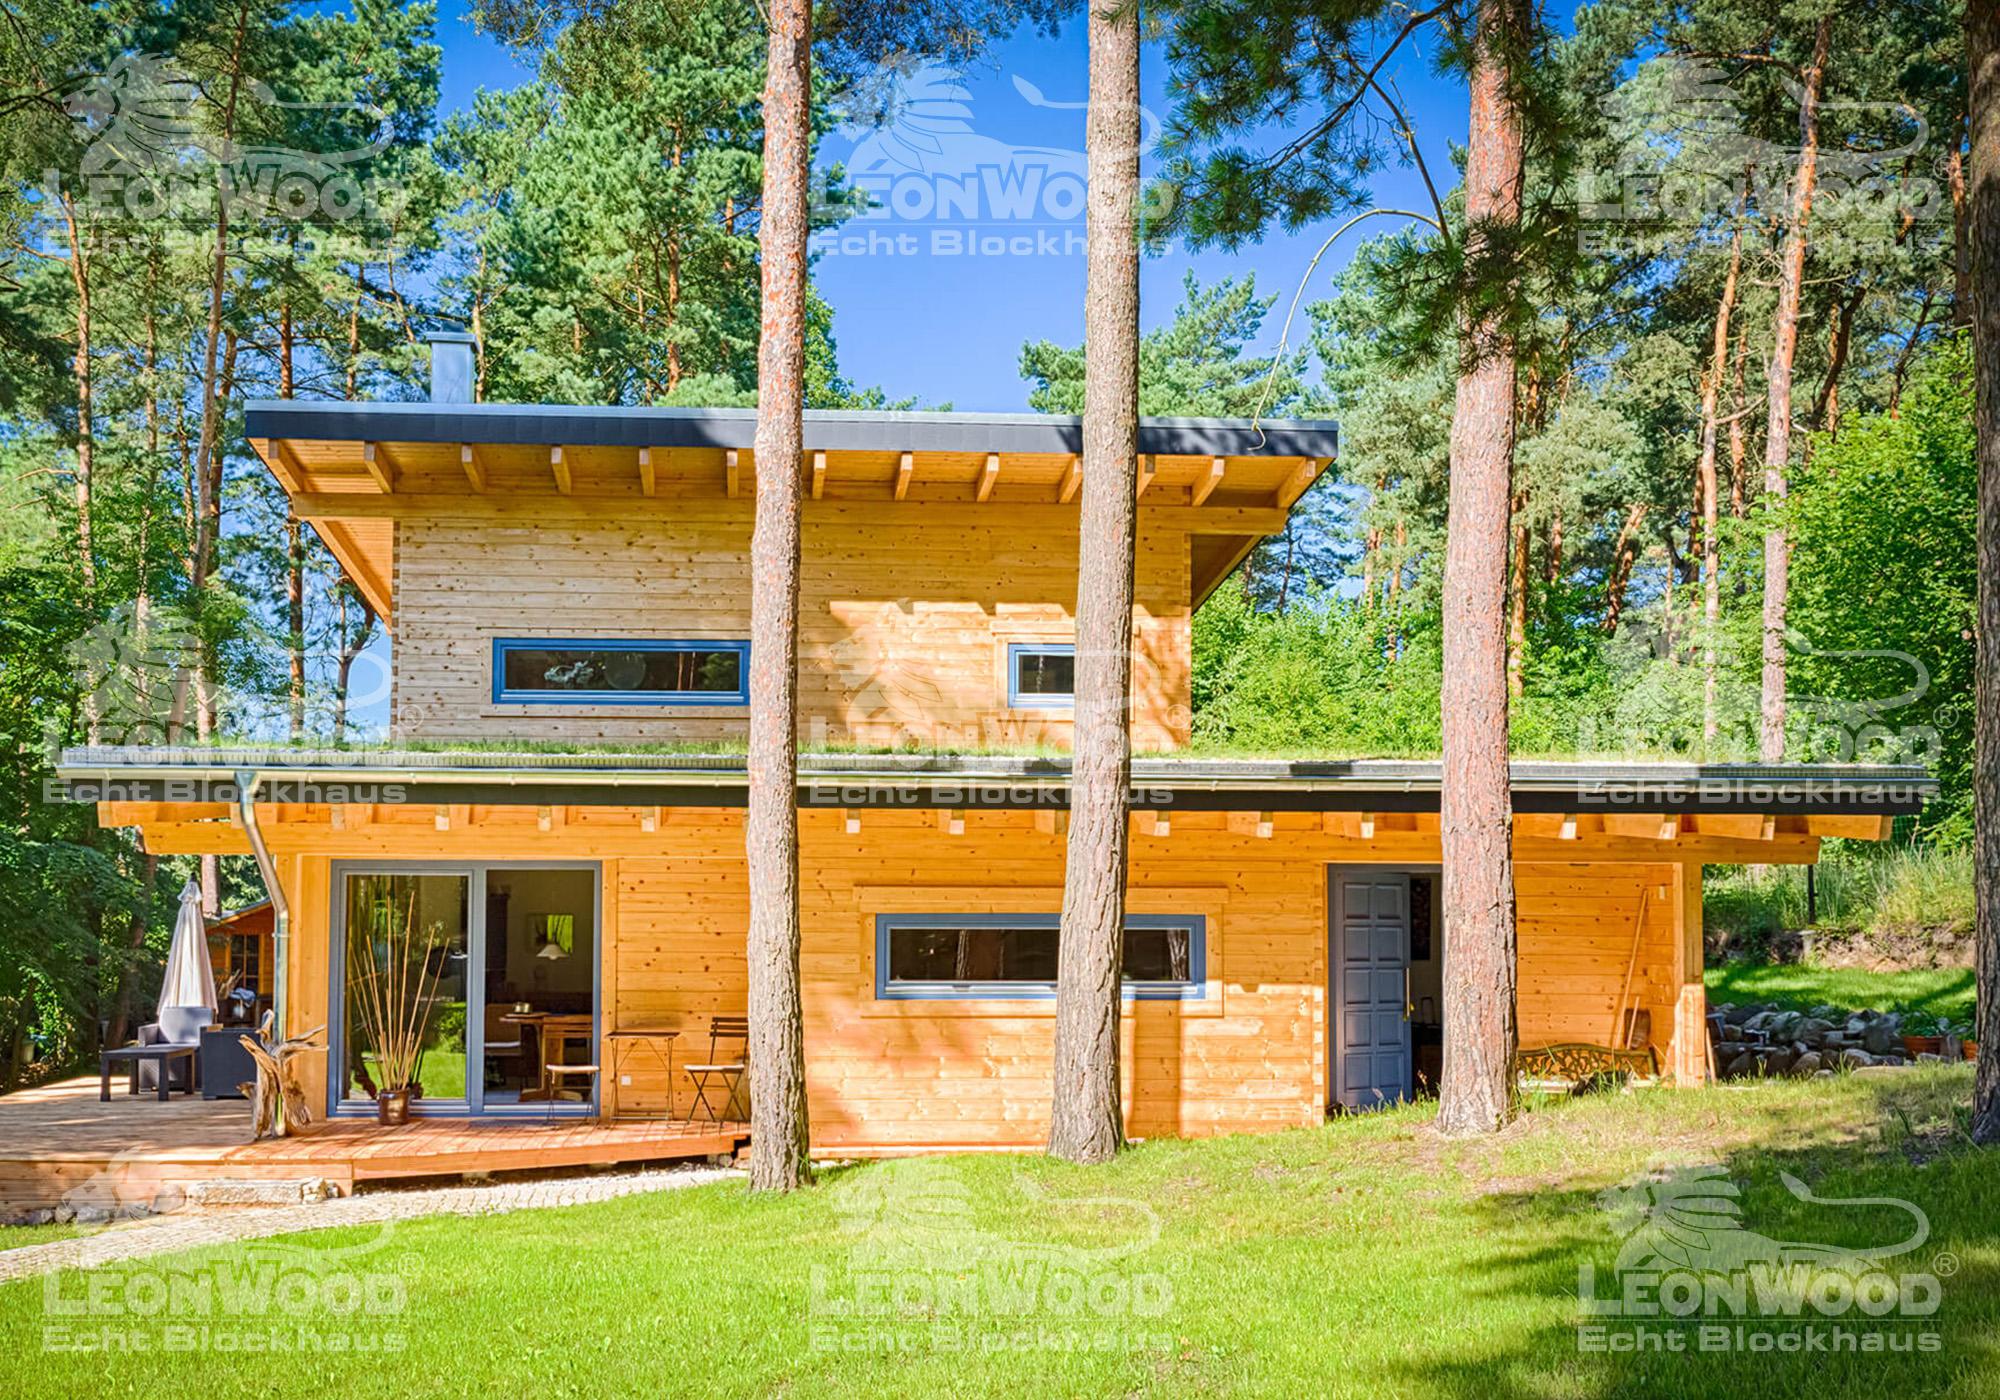 Blockhaus Holz Ihr Kompetenter Holz Und Blockhaus Partner